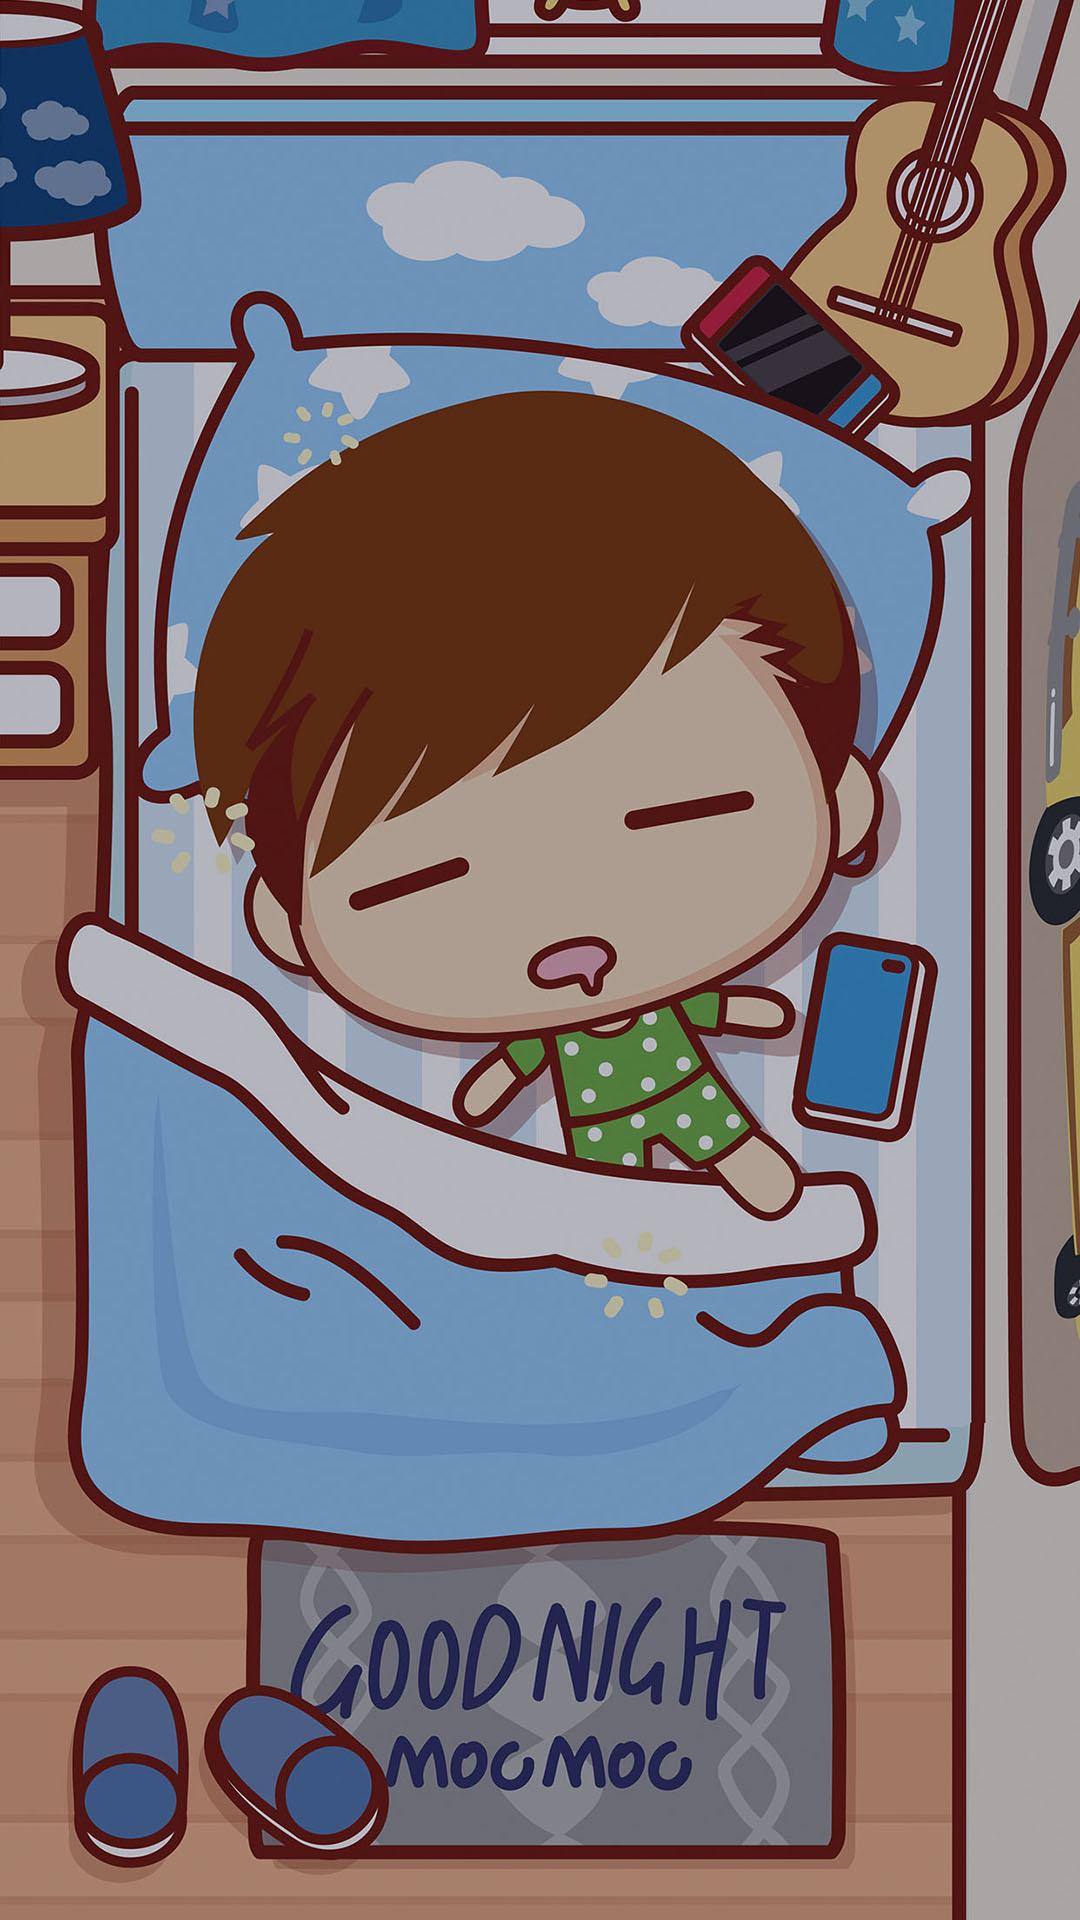 31张晚安好梦插画